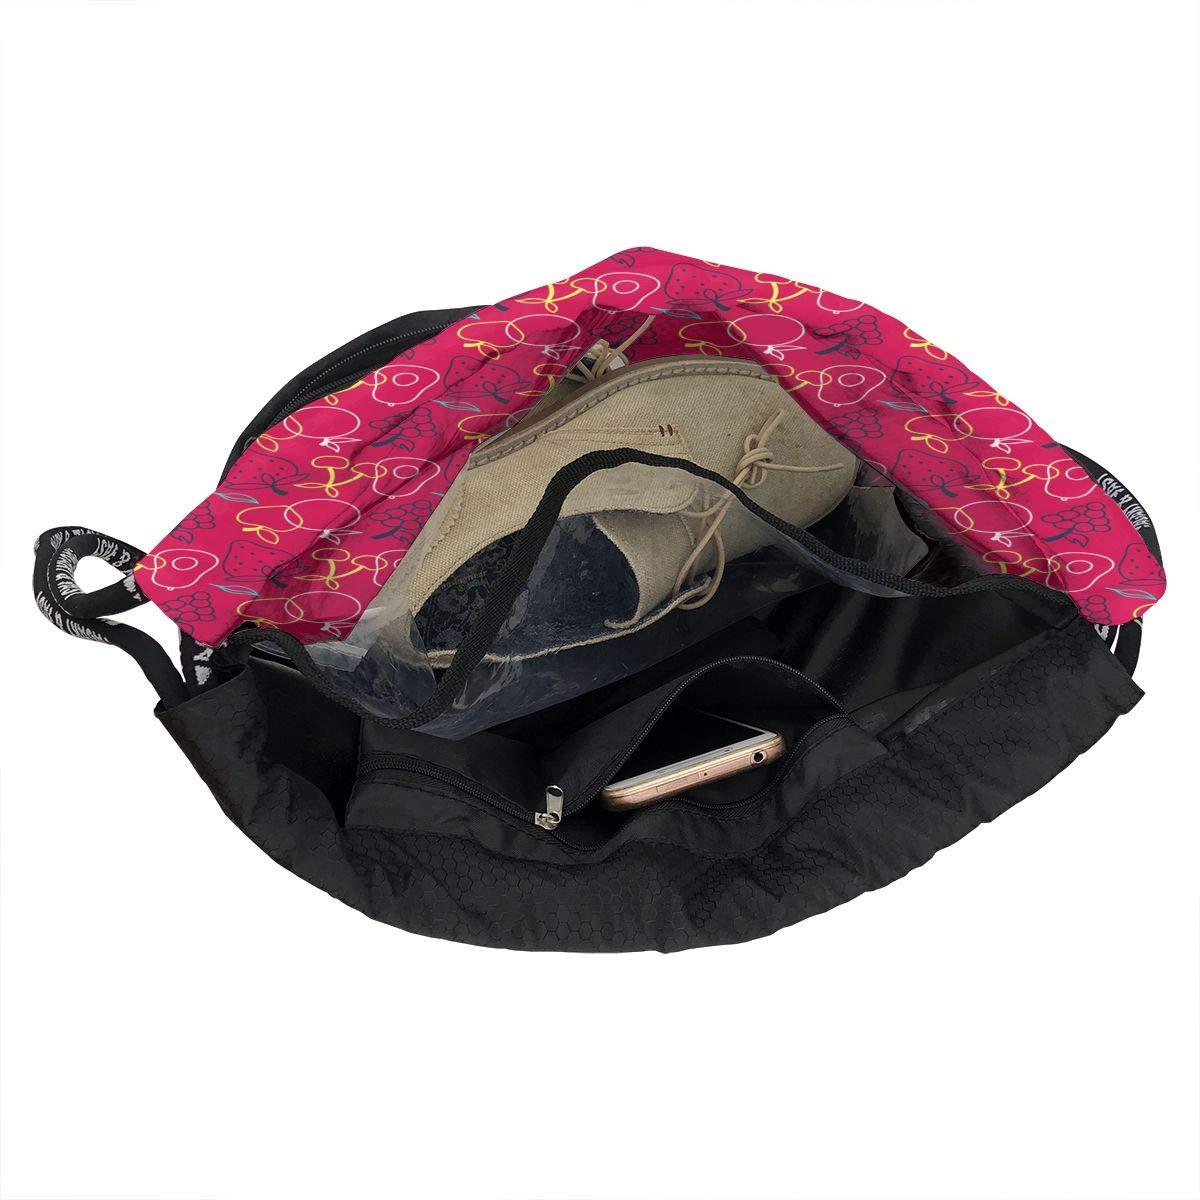 HUOPR5Q Red Fruit Drawstring Backpack Sport Gym Sack Shoulder Bulk Bag Dance Bag for School Travel